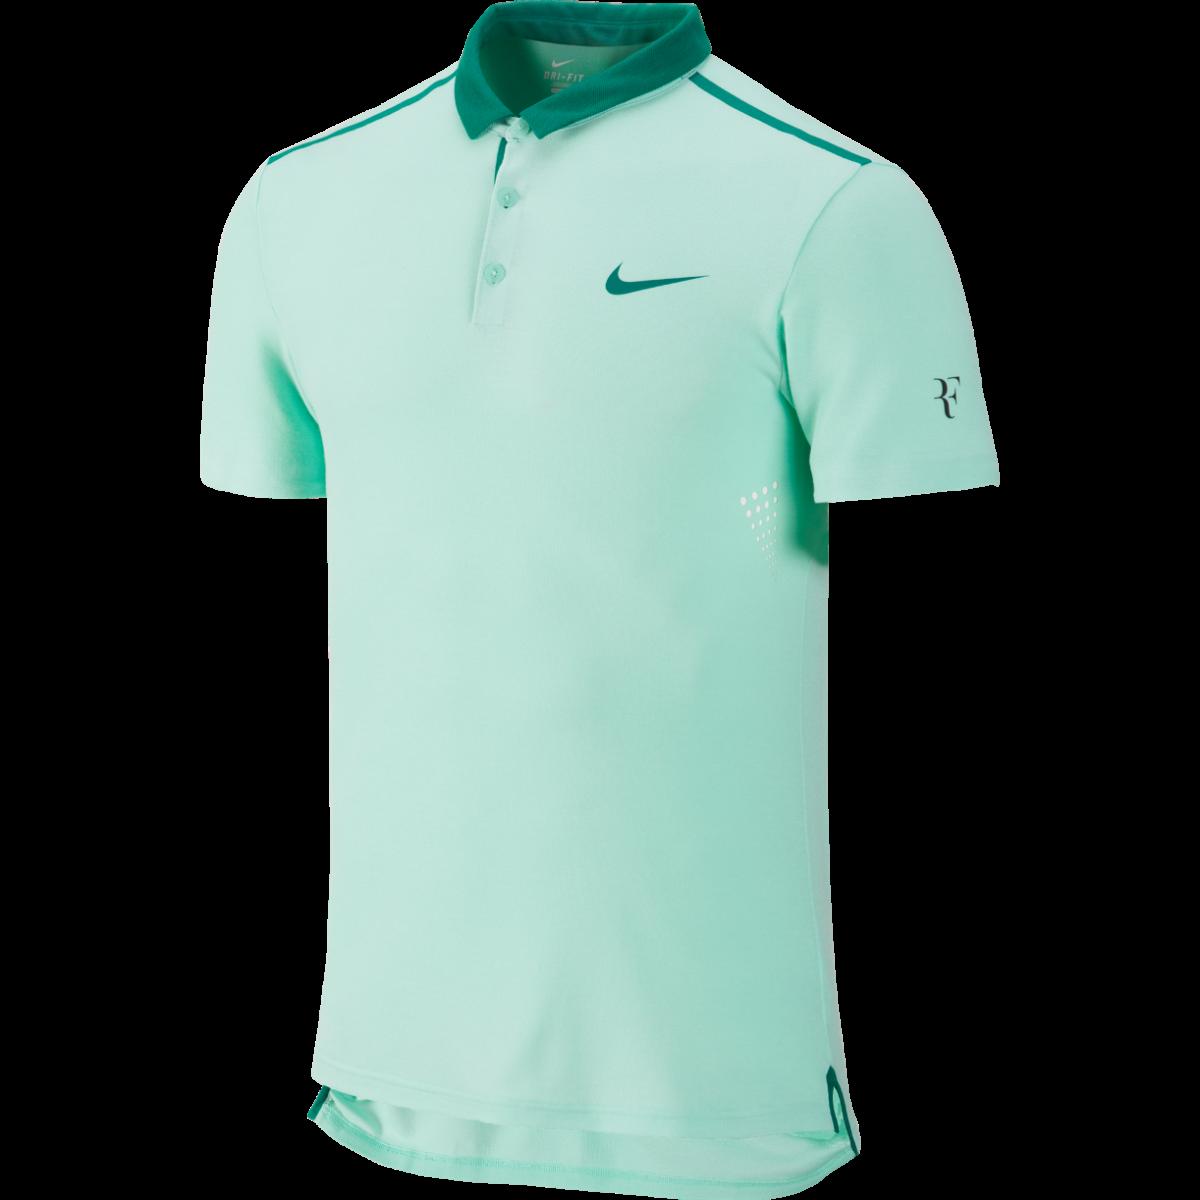 Cyan Men's Polo Shirt